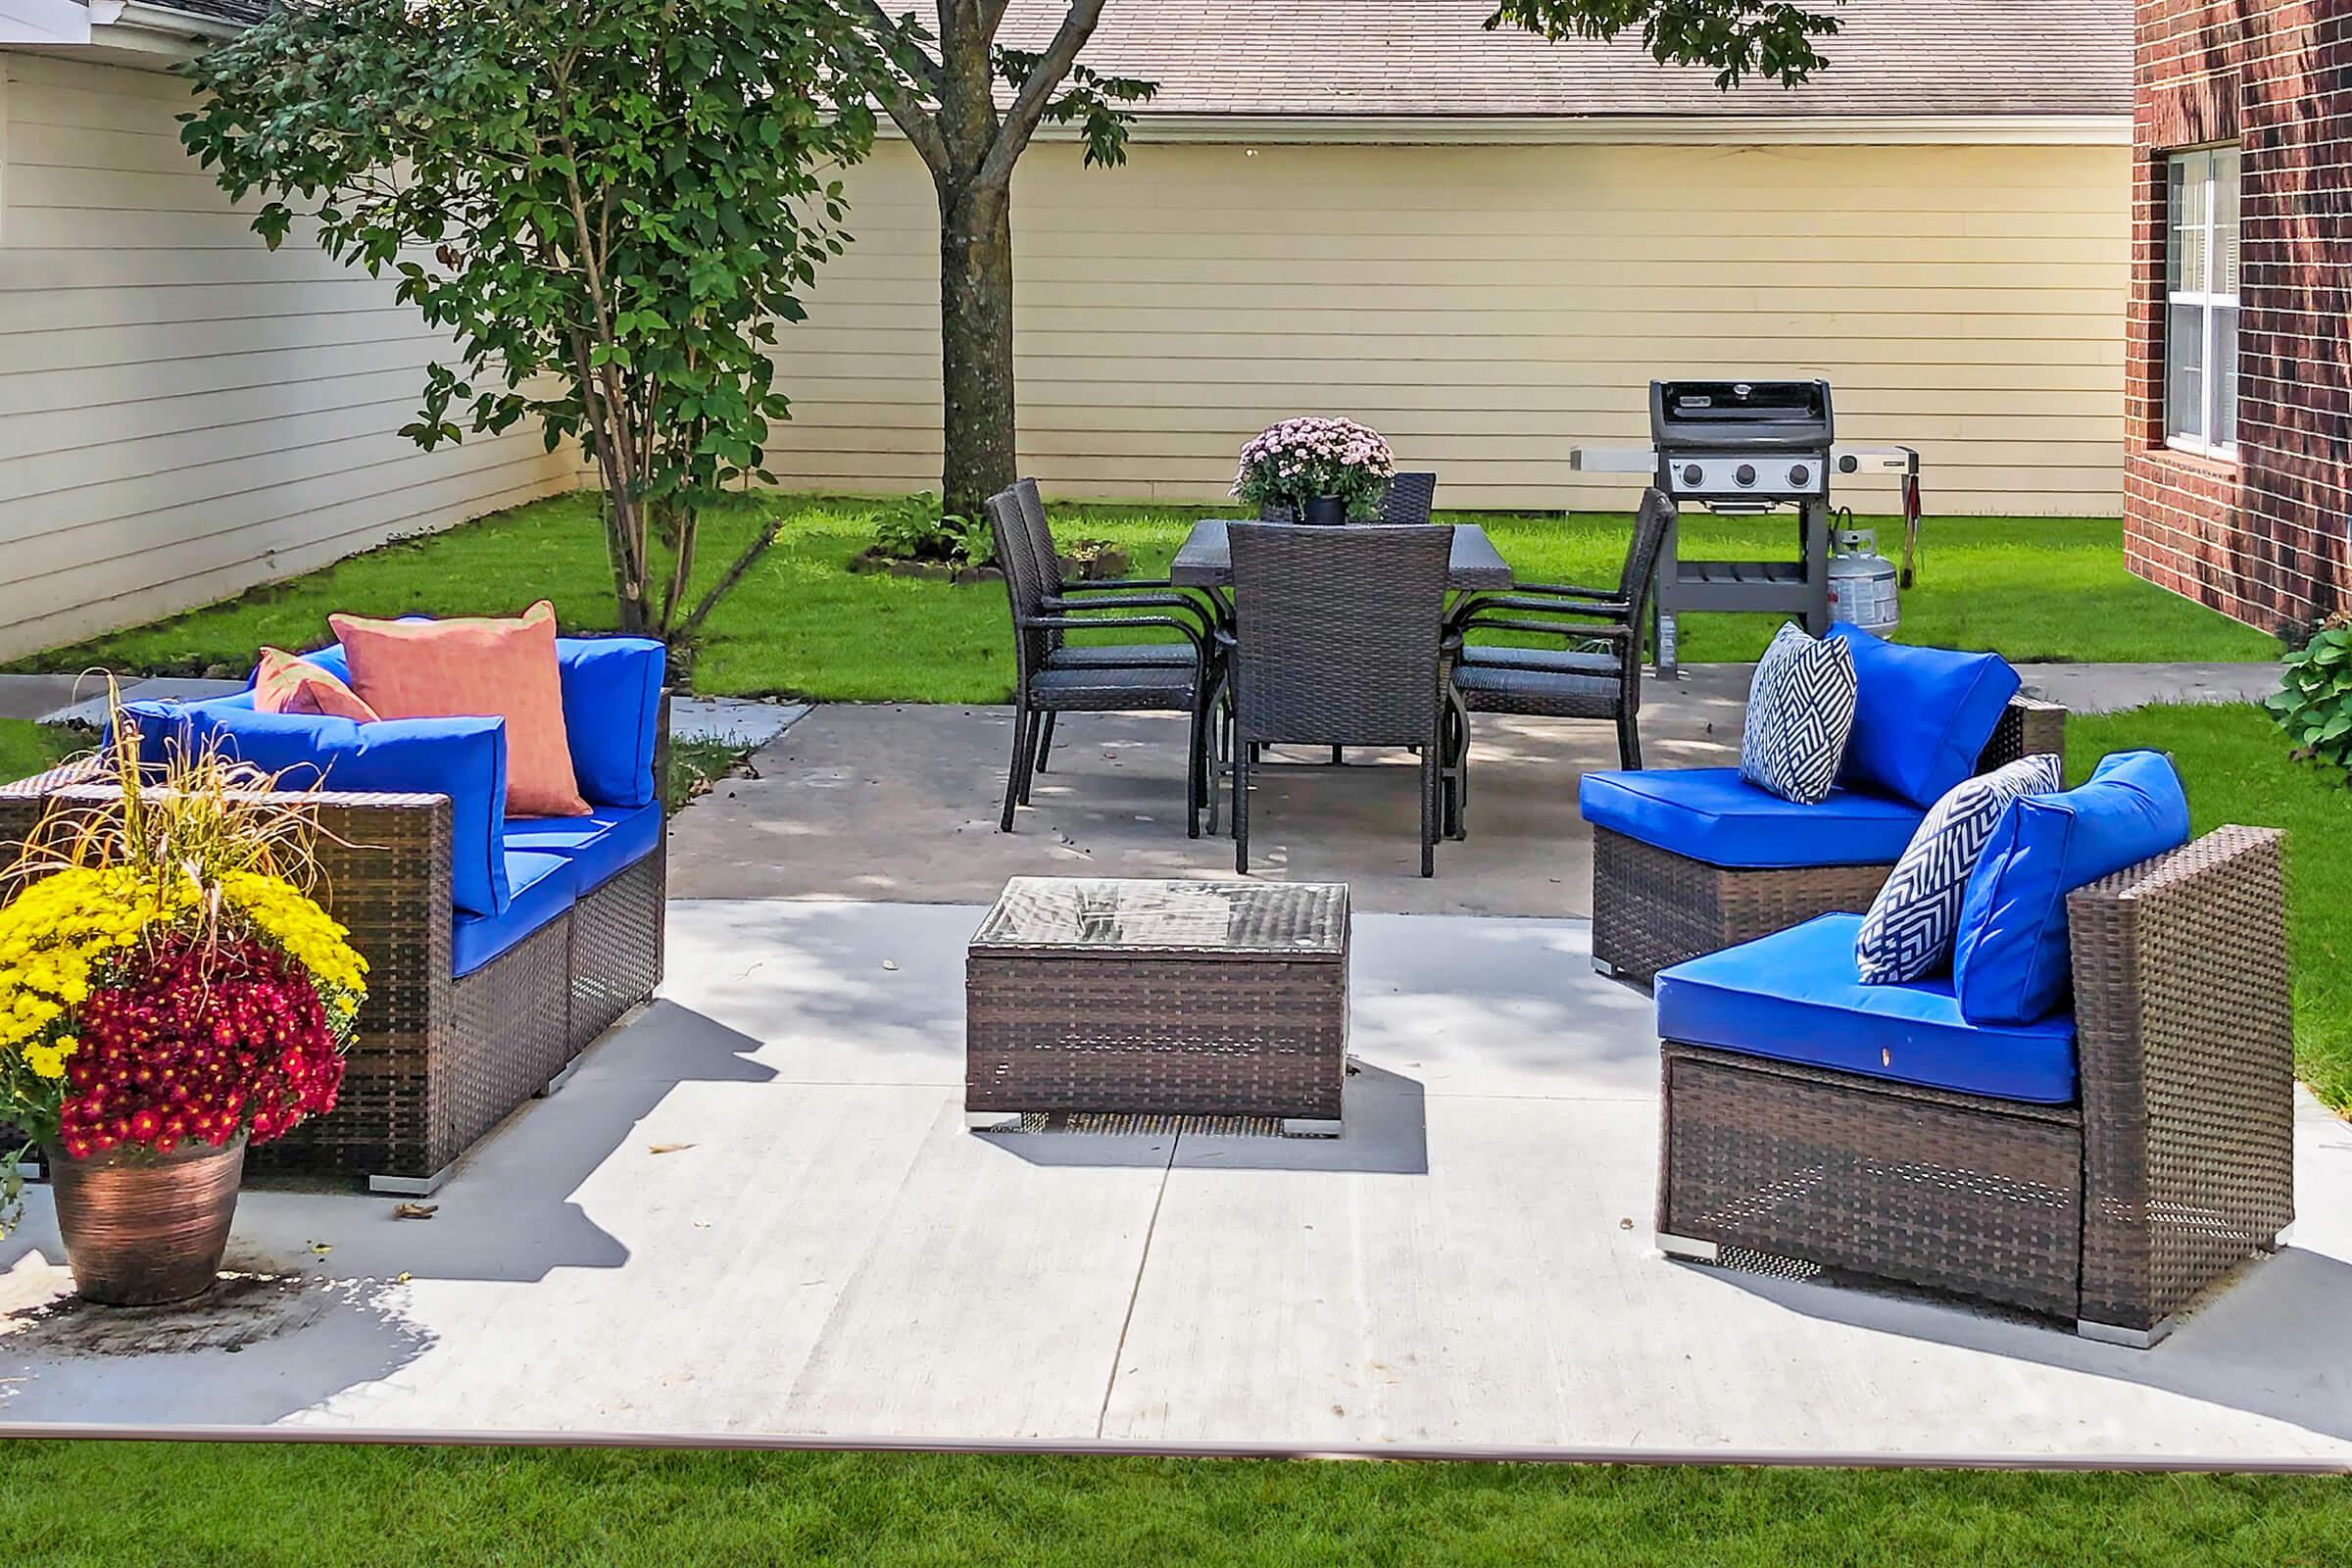 a blue bench in a garden